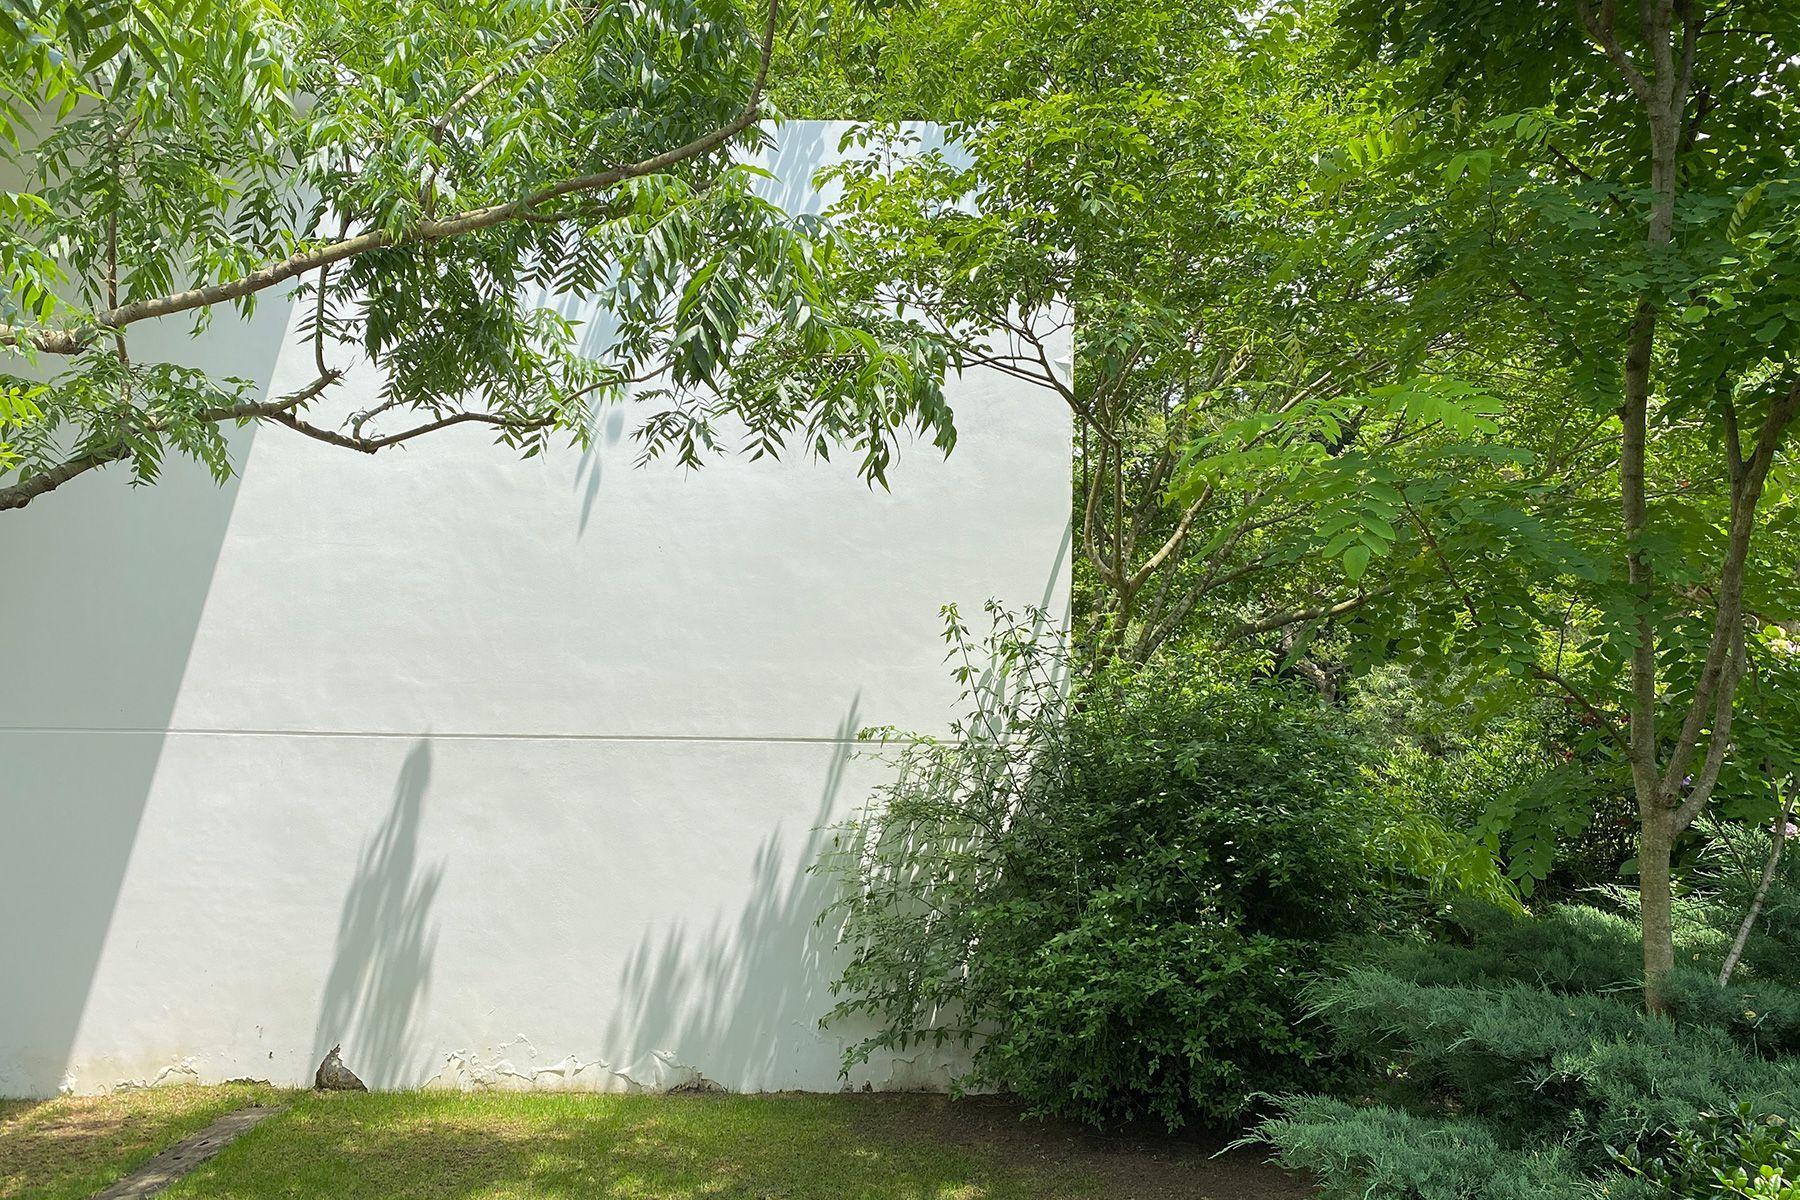 studio ogawasanchi スタジオ 小川さん家上空写真 現在は芝生